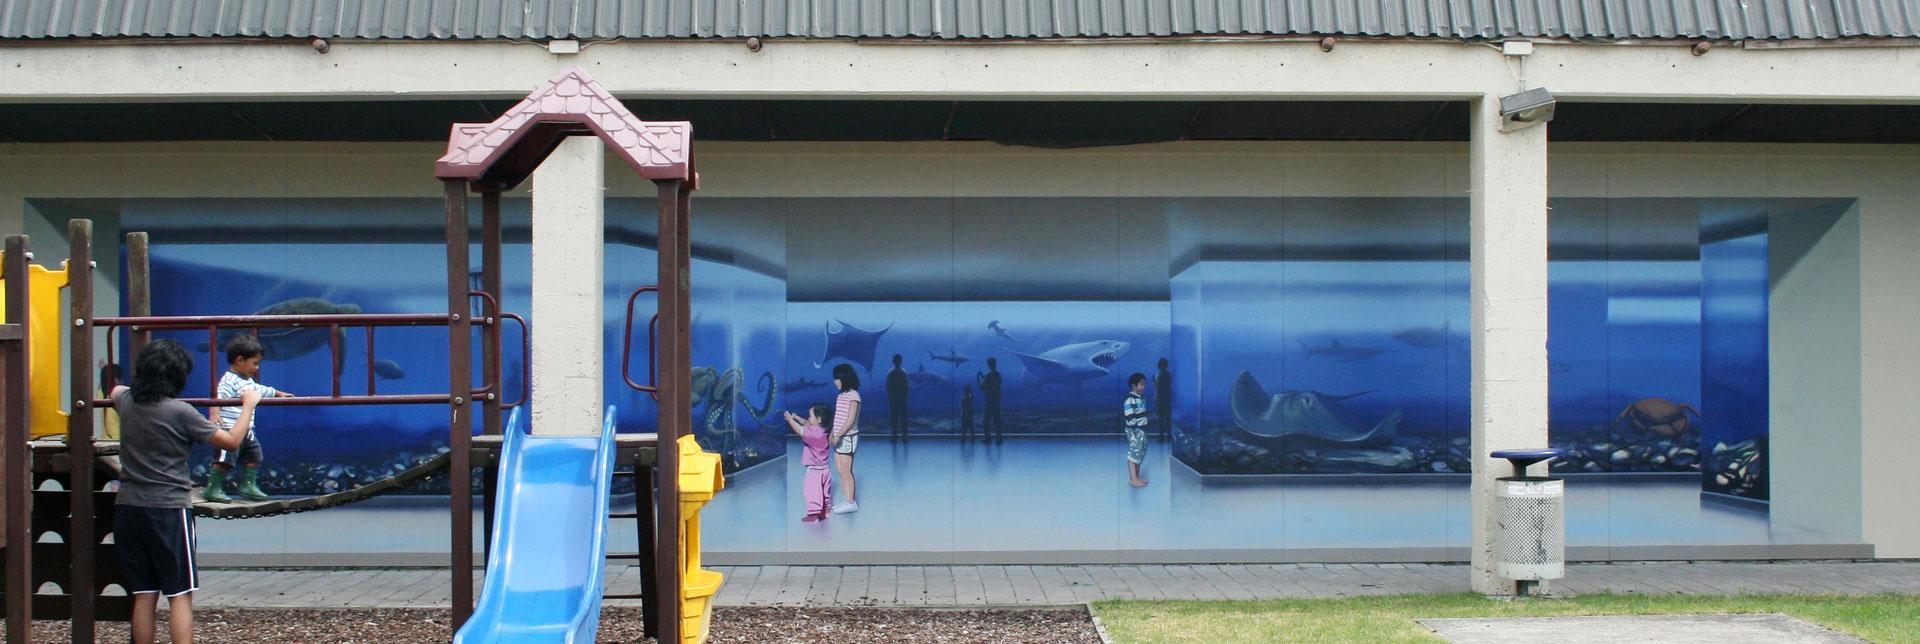 kawerau-playground-1920x644 Illusion murals